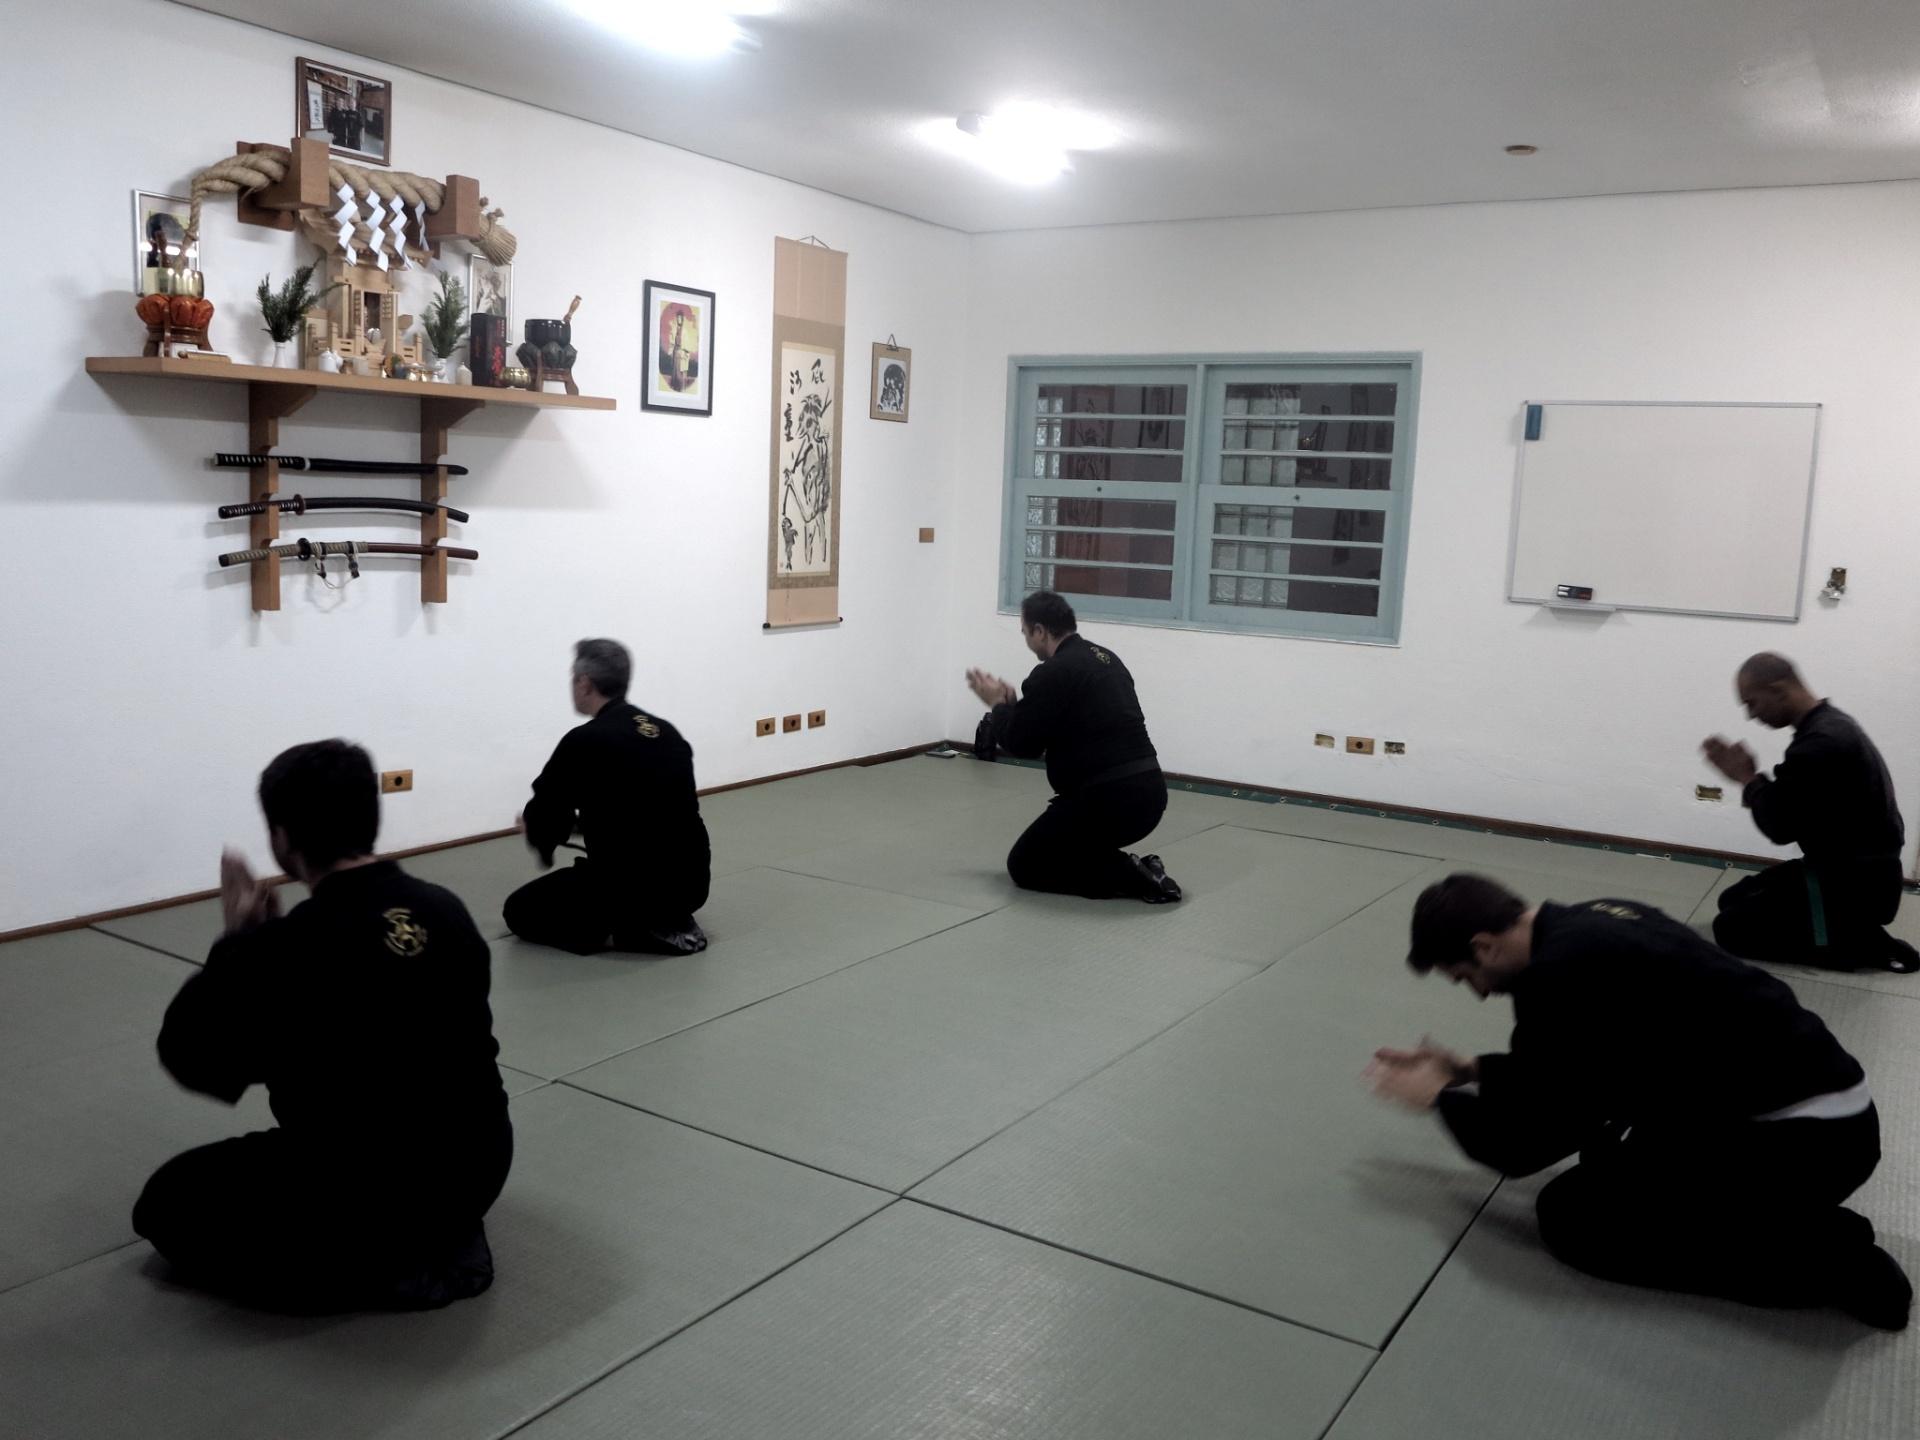 Ninjas fazem reverência antes de treino em São Paulo